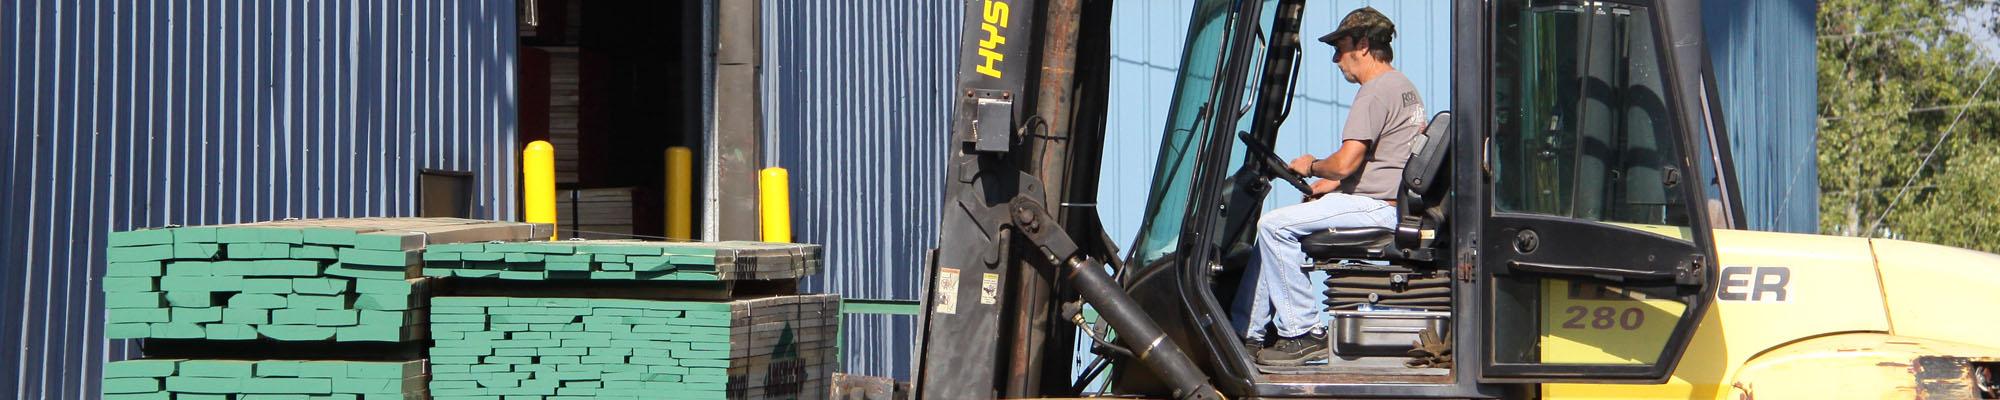 american-slider-forklift-newsite-1